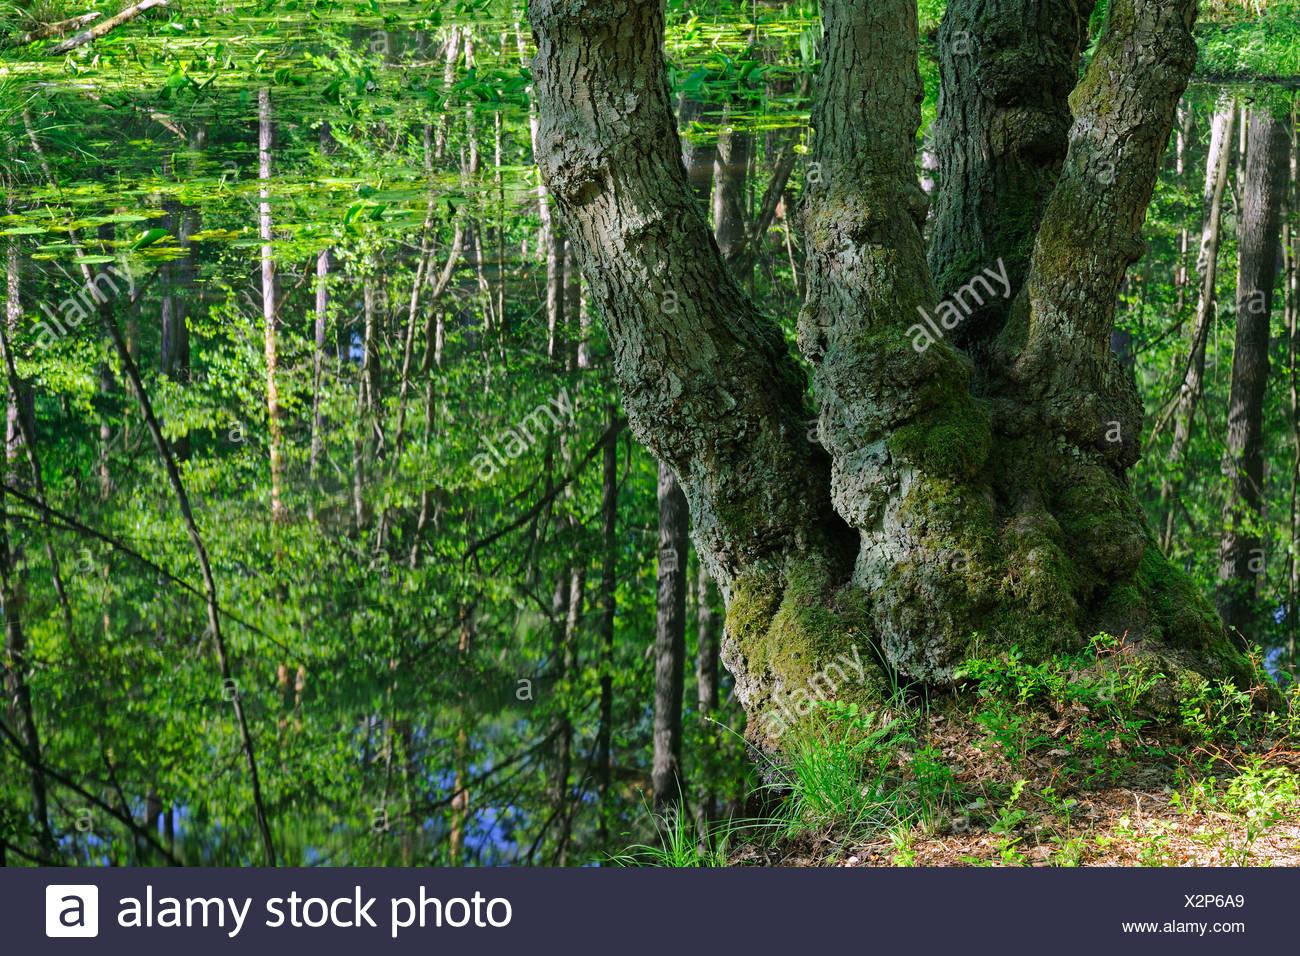 Stamm von einer alte Hainbuche (Carpinus Betulus), in den Marschgebieten der Briese-Tal in der Nähe von Berlin, Deutschland, Europa Stockbild